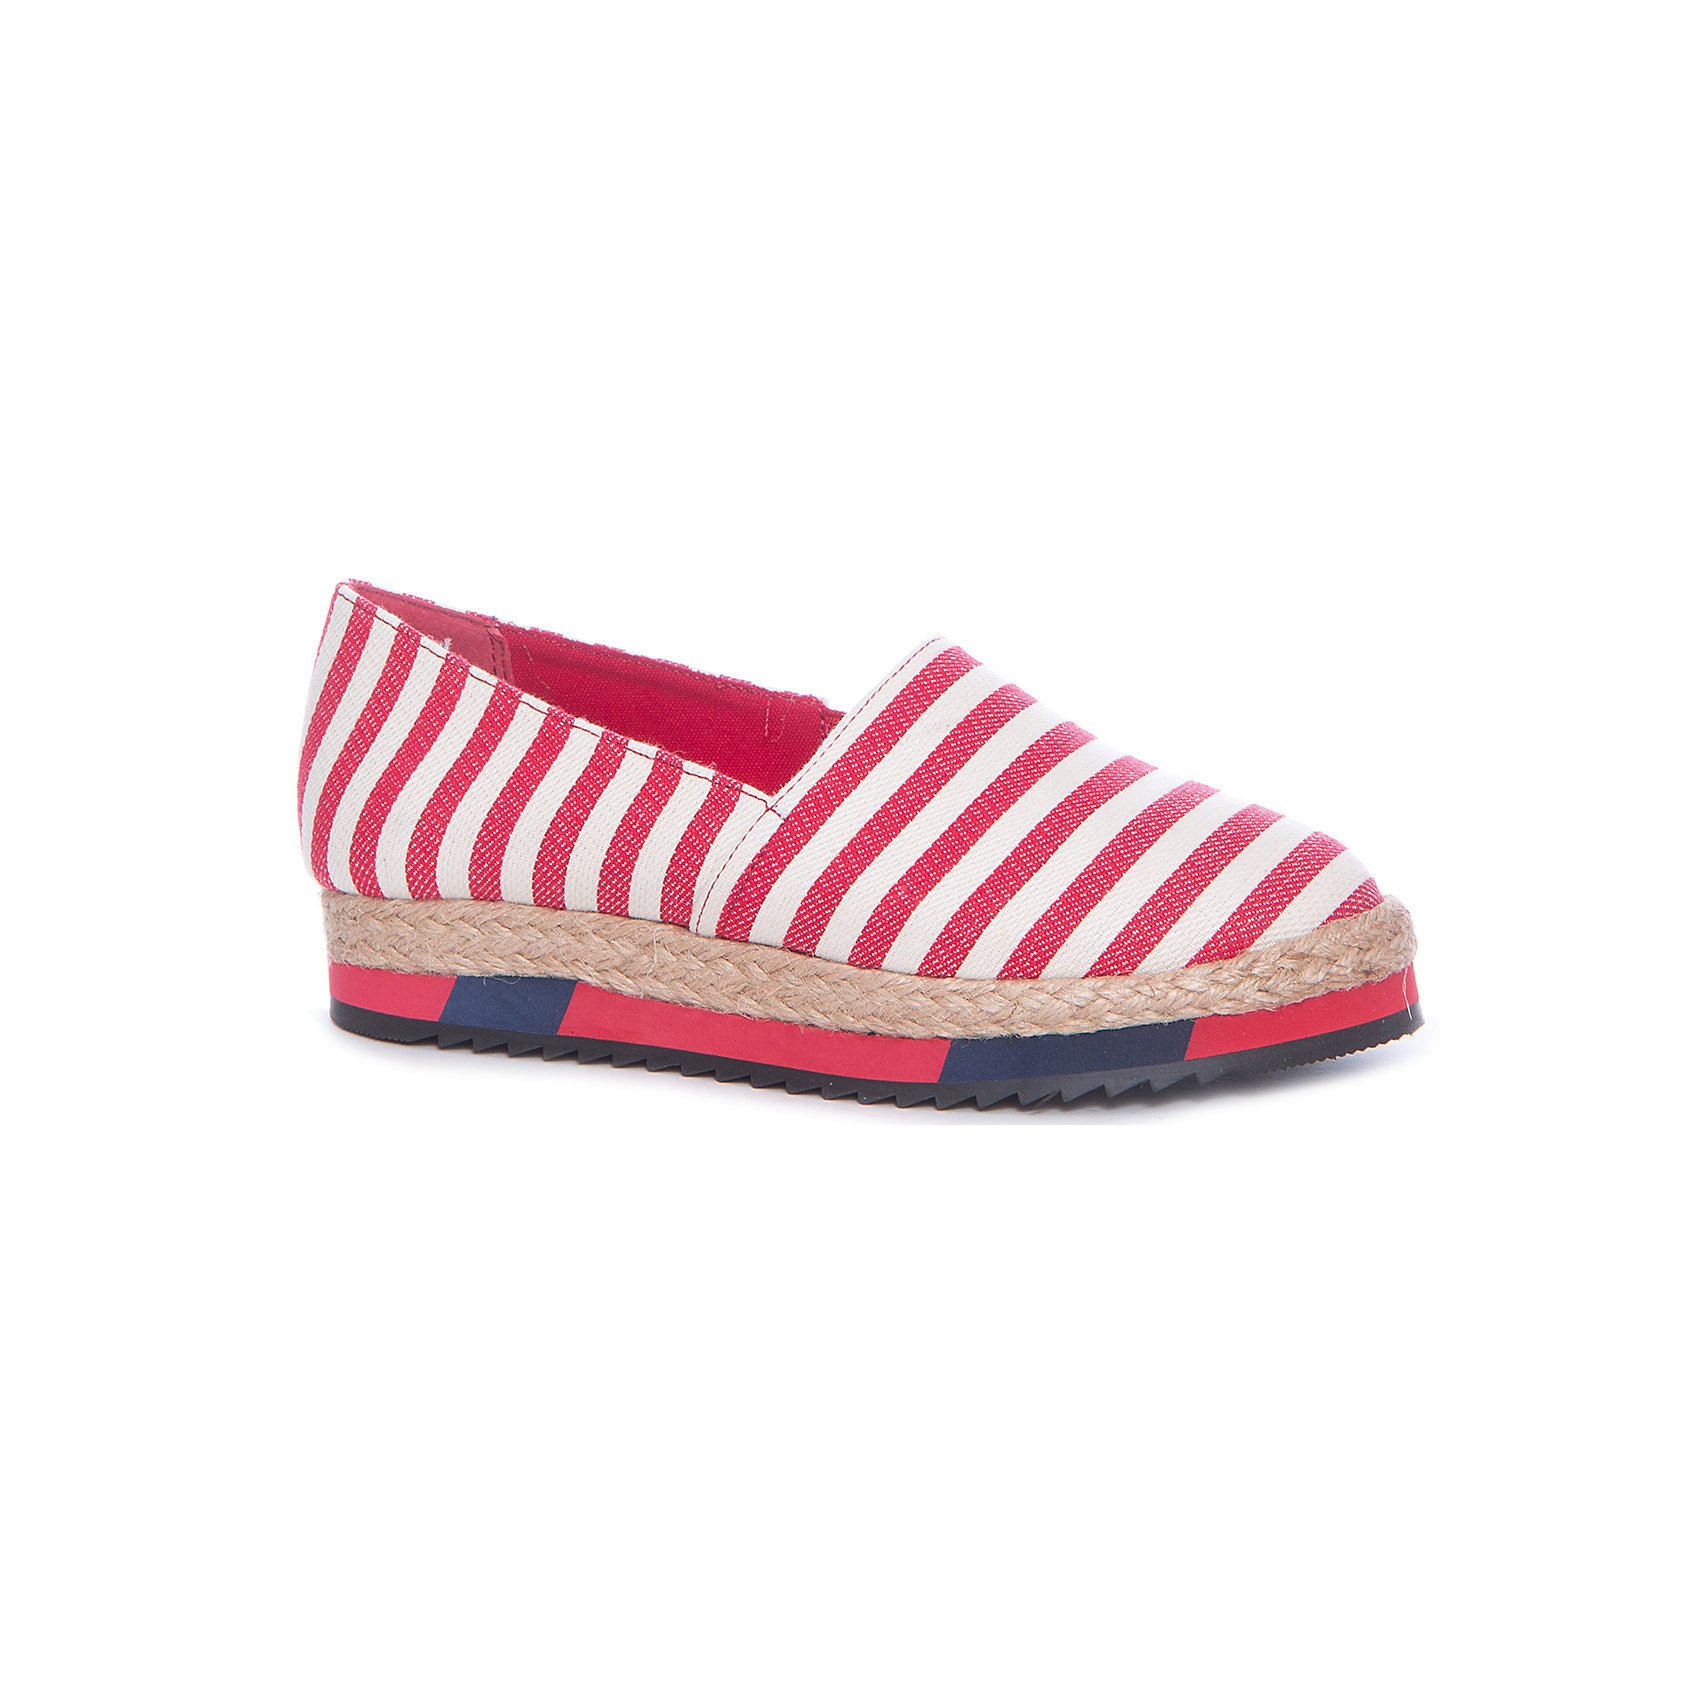 Слипоны для девочки BETSY, красный в полоскуСлипоны<br>Характеристики товара:<br><br>• цвет: красный<br>• материал верха: текстиль<br>• стелька: текстиль<br>• подошва: резина<br>• сезон: лето<br>• коллекция: весна-лето 2017<br>• страна бренда: Великобритания<br>• страна производства: Китай<br><br>Обувь от лондонского бренда BETSY (Бетси) уже завоевала популярность у взрослых и детей в нашей стране. <br><br>Для производства этой обуви используются только проверенные, качественные материалы и фурнитура. <br><br>Порадуйте ребенка комфортными и современными вещами от BETSY! <br><br>Туфли для девочки от британского бренда BETSY (Бетси) можно купить в нашем интернет-магазине.<br><br>Ширина мм: 262<br>Глубина мм: 176<br>Высота мм: 97<br>Вес г: 427<br>Цвет: красный/белый<br>Возраст от месяцев: 108<br>Возраст до месяцев: 120<br>Пол: Женский<br>Возраст: Детский<br>Размер: 33,38,37,36,35,34<br>SKU: 5451075